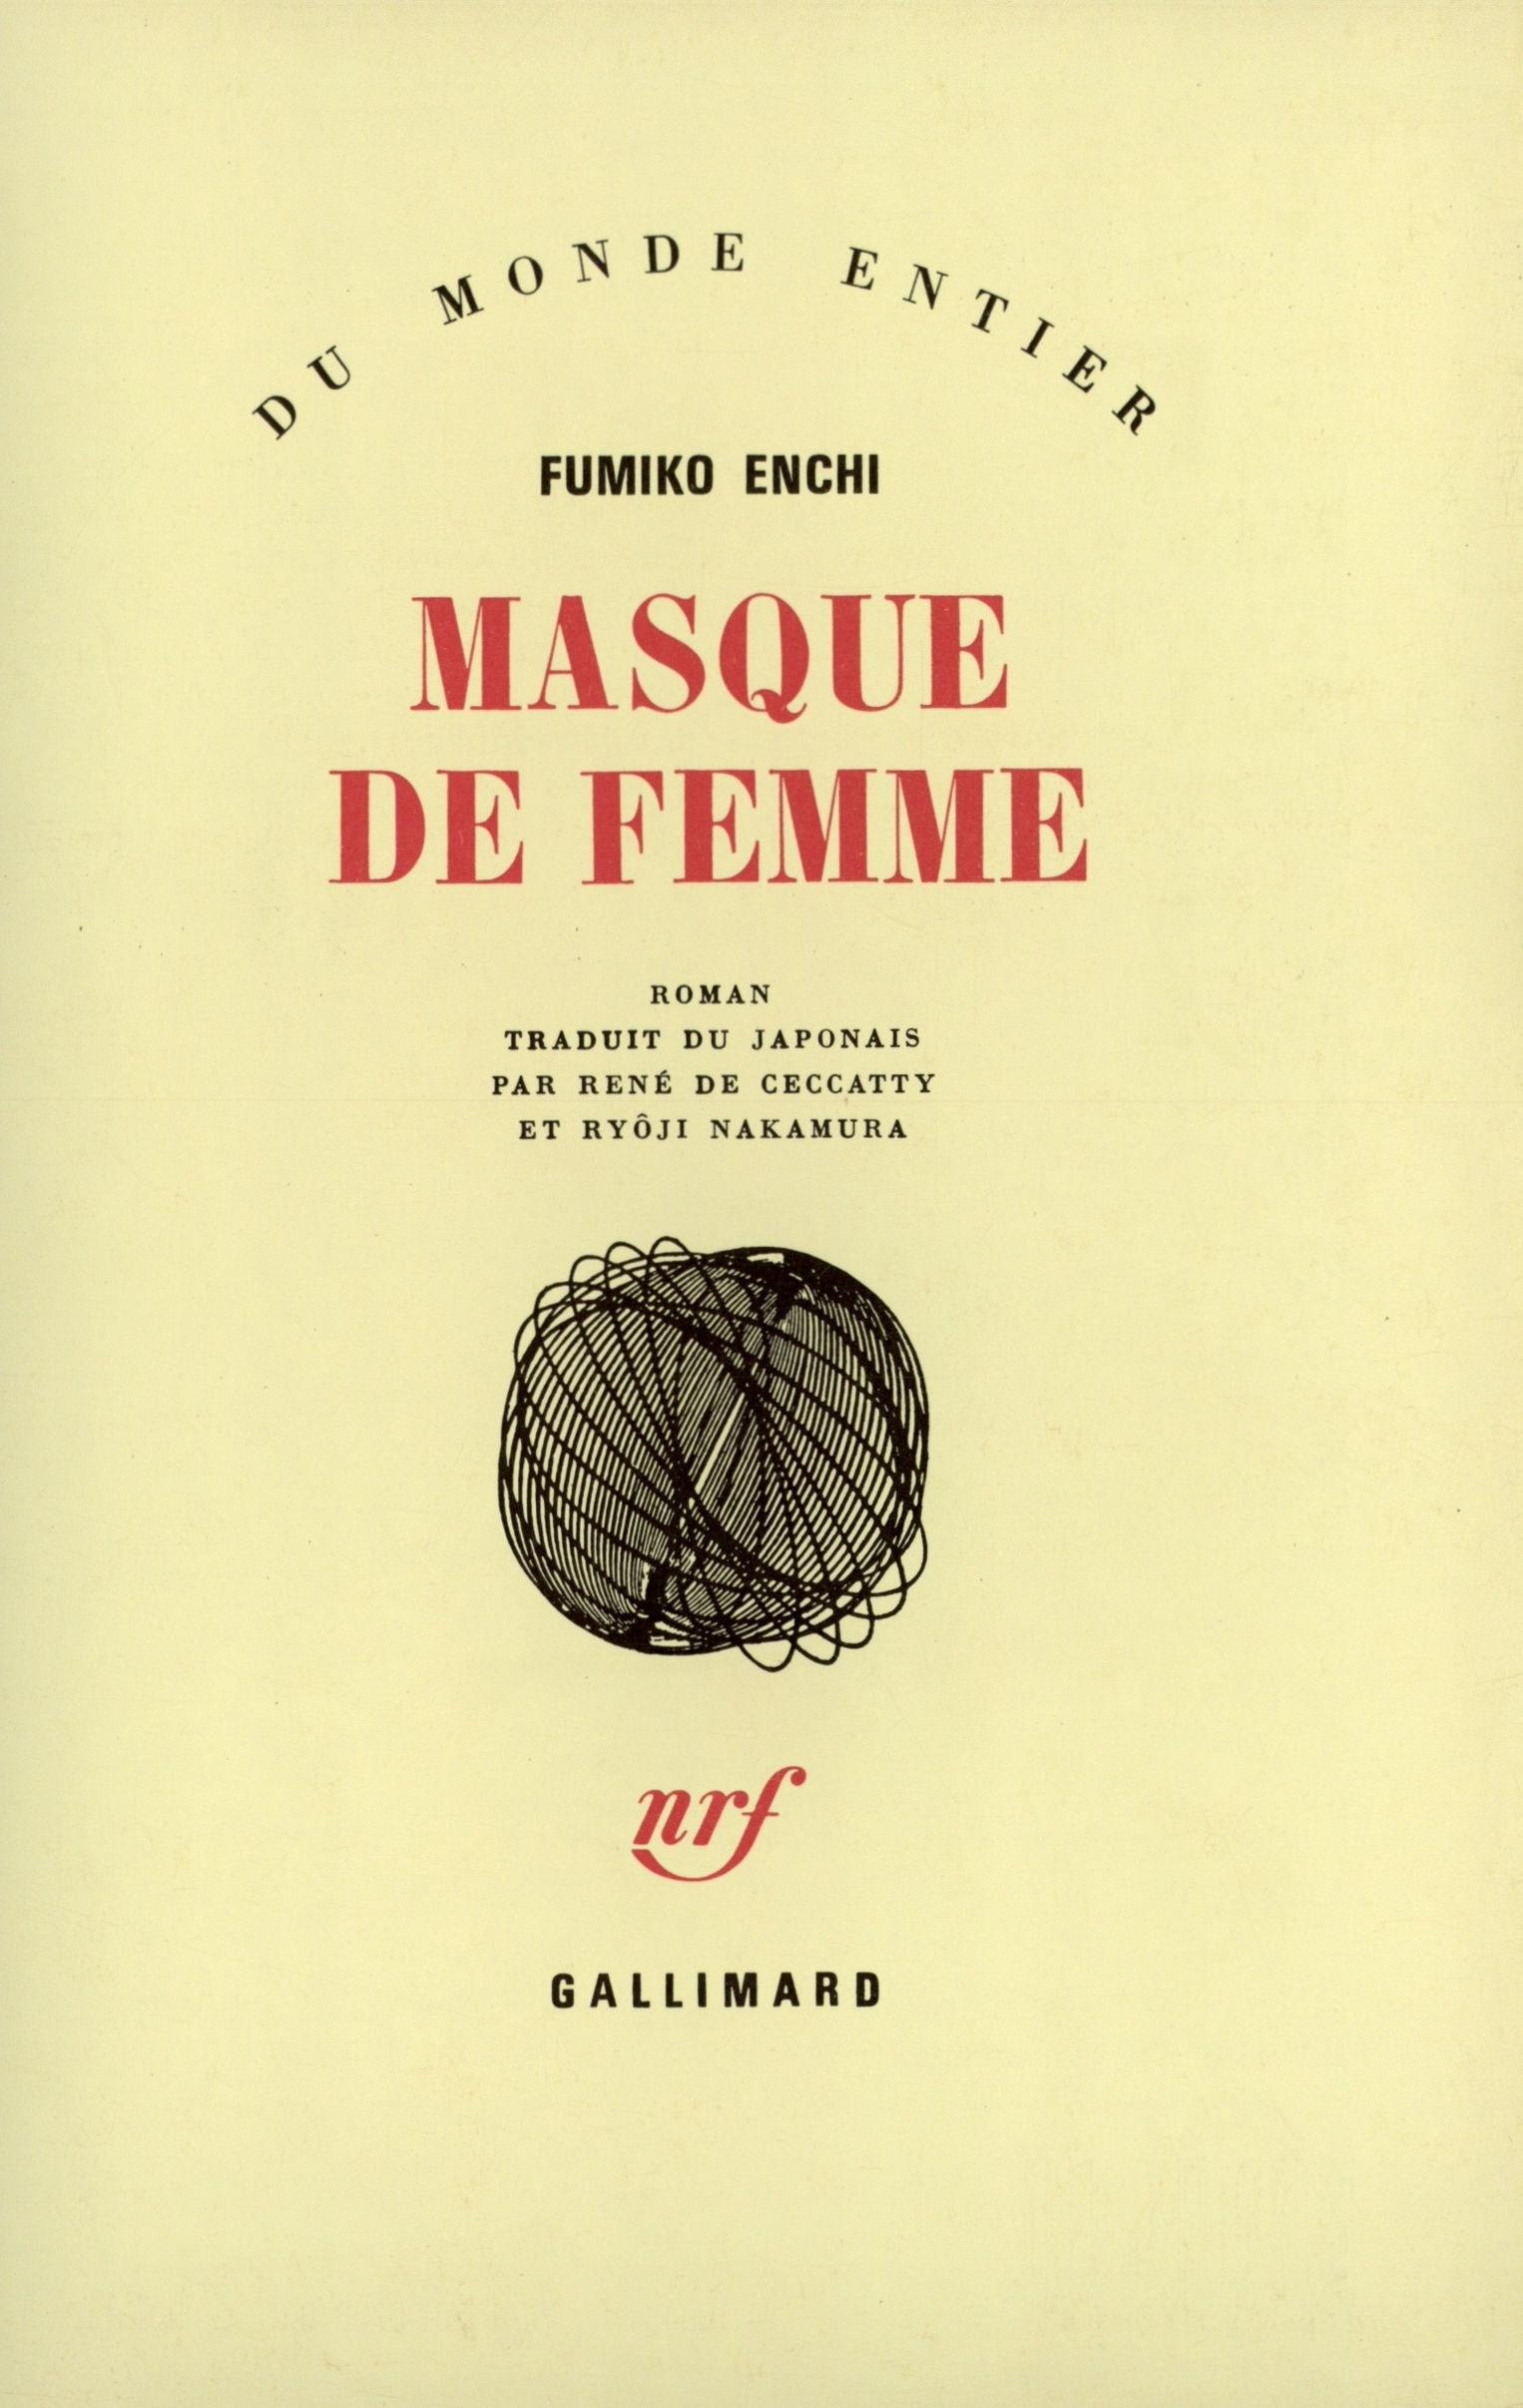 MASQUE DE FEMME ROMAN